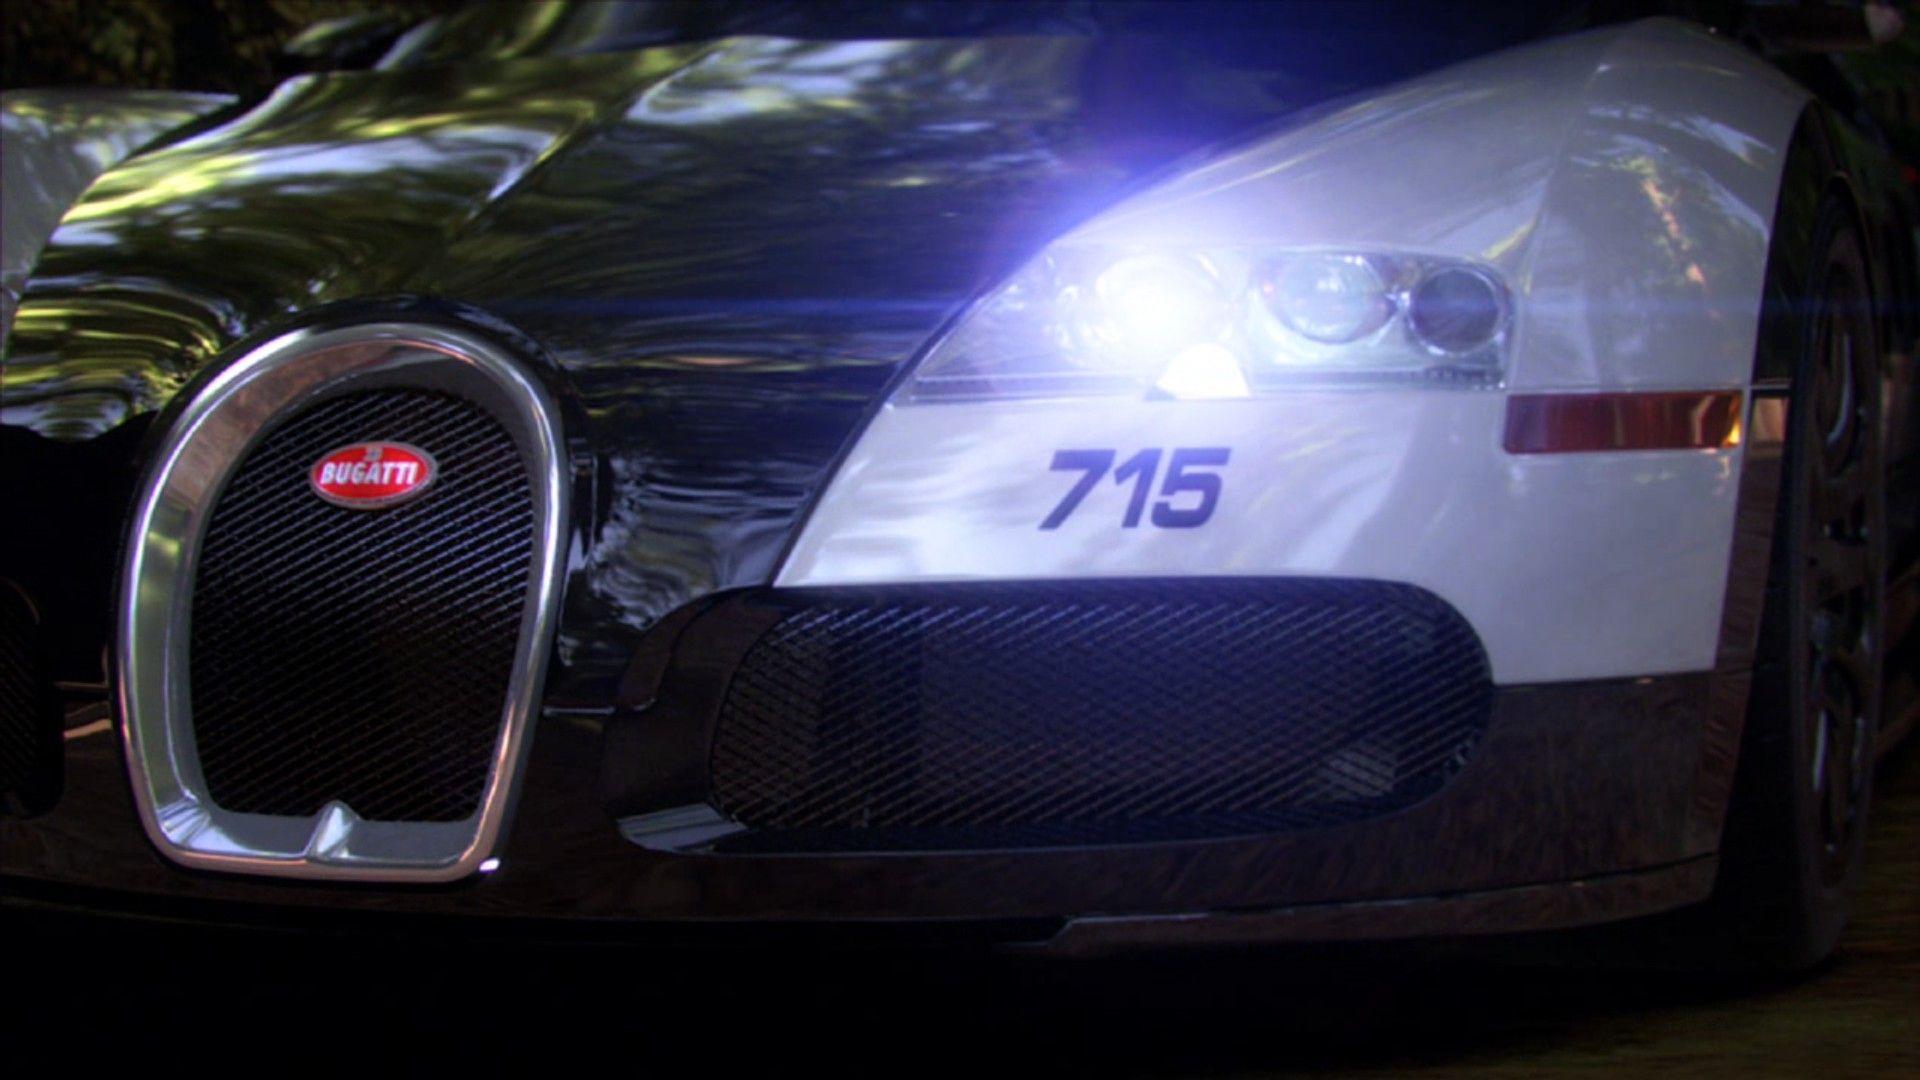 826cc27de84644320ac6a0b5722805fa Mesmerizing Bugatti Veyron Nfs Most Wanted Cars Trend